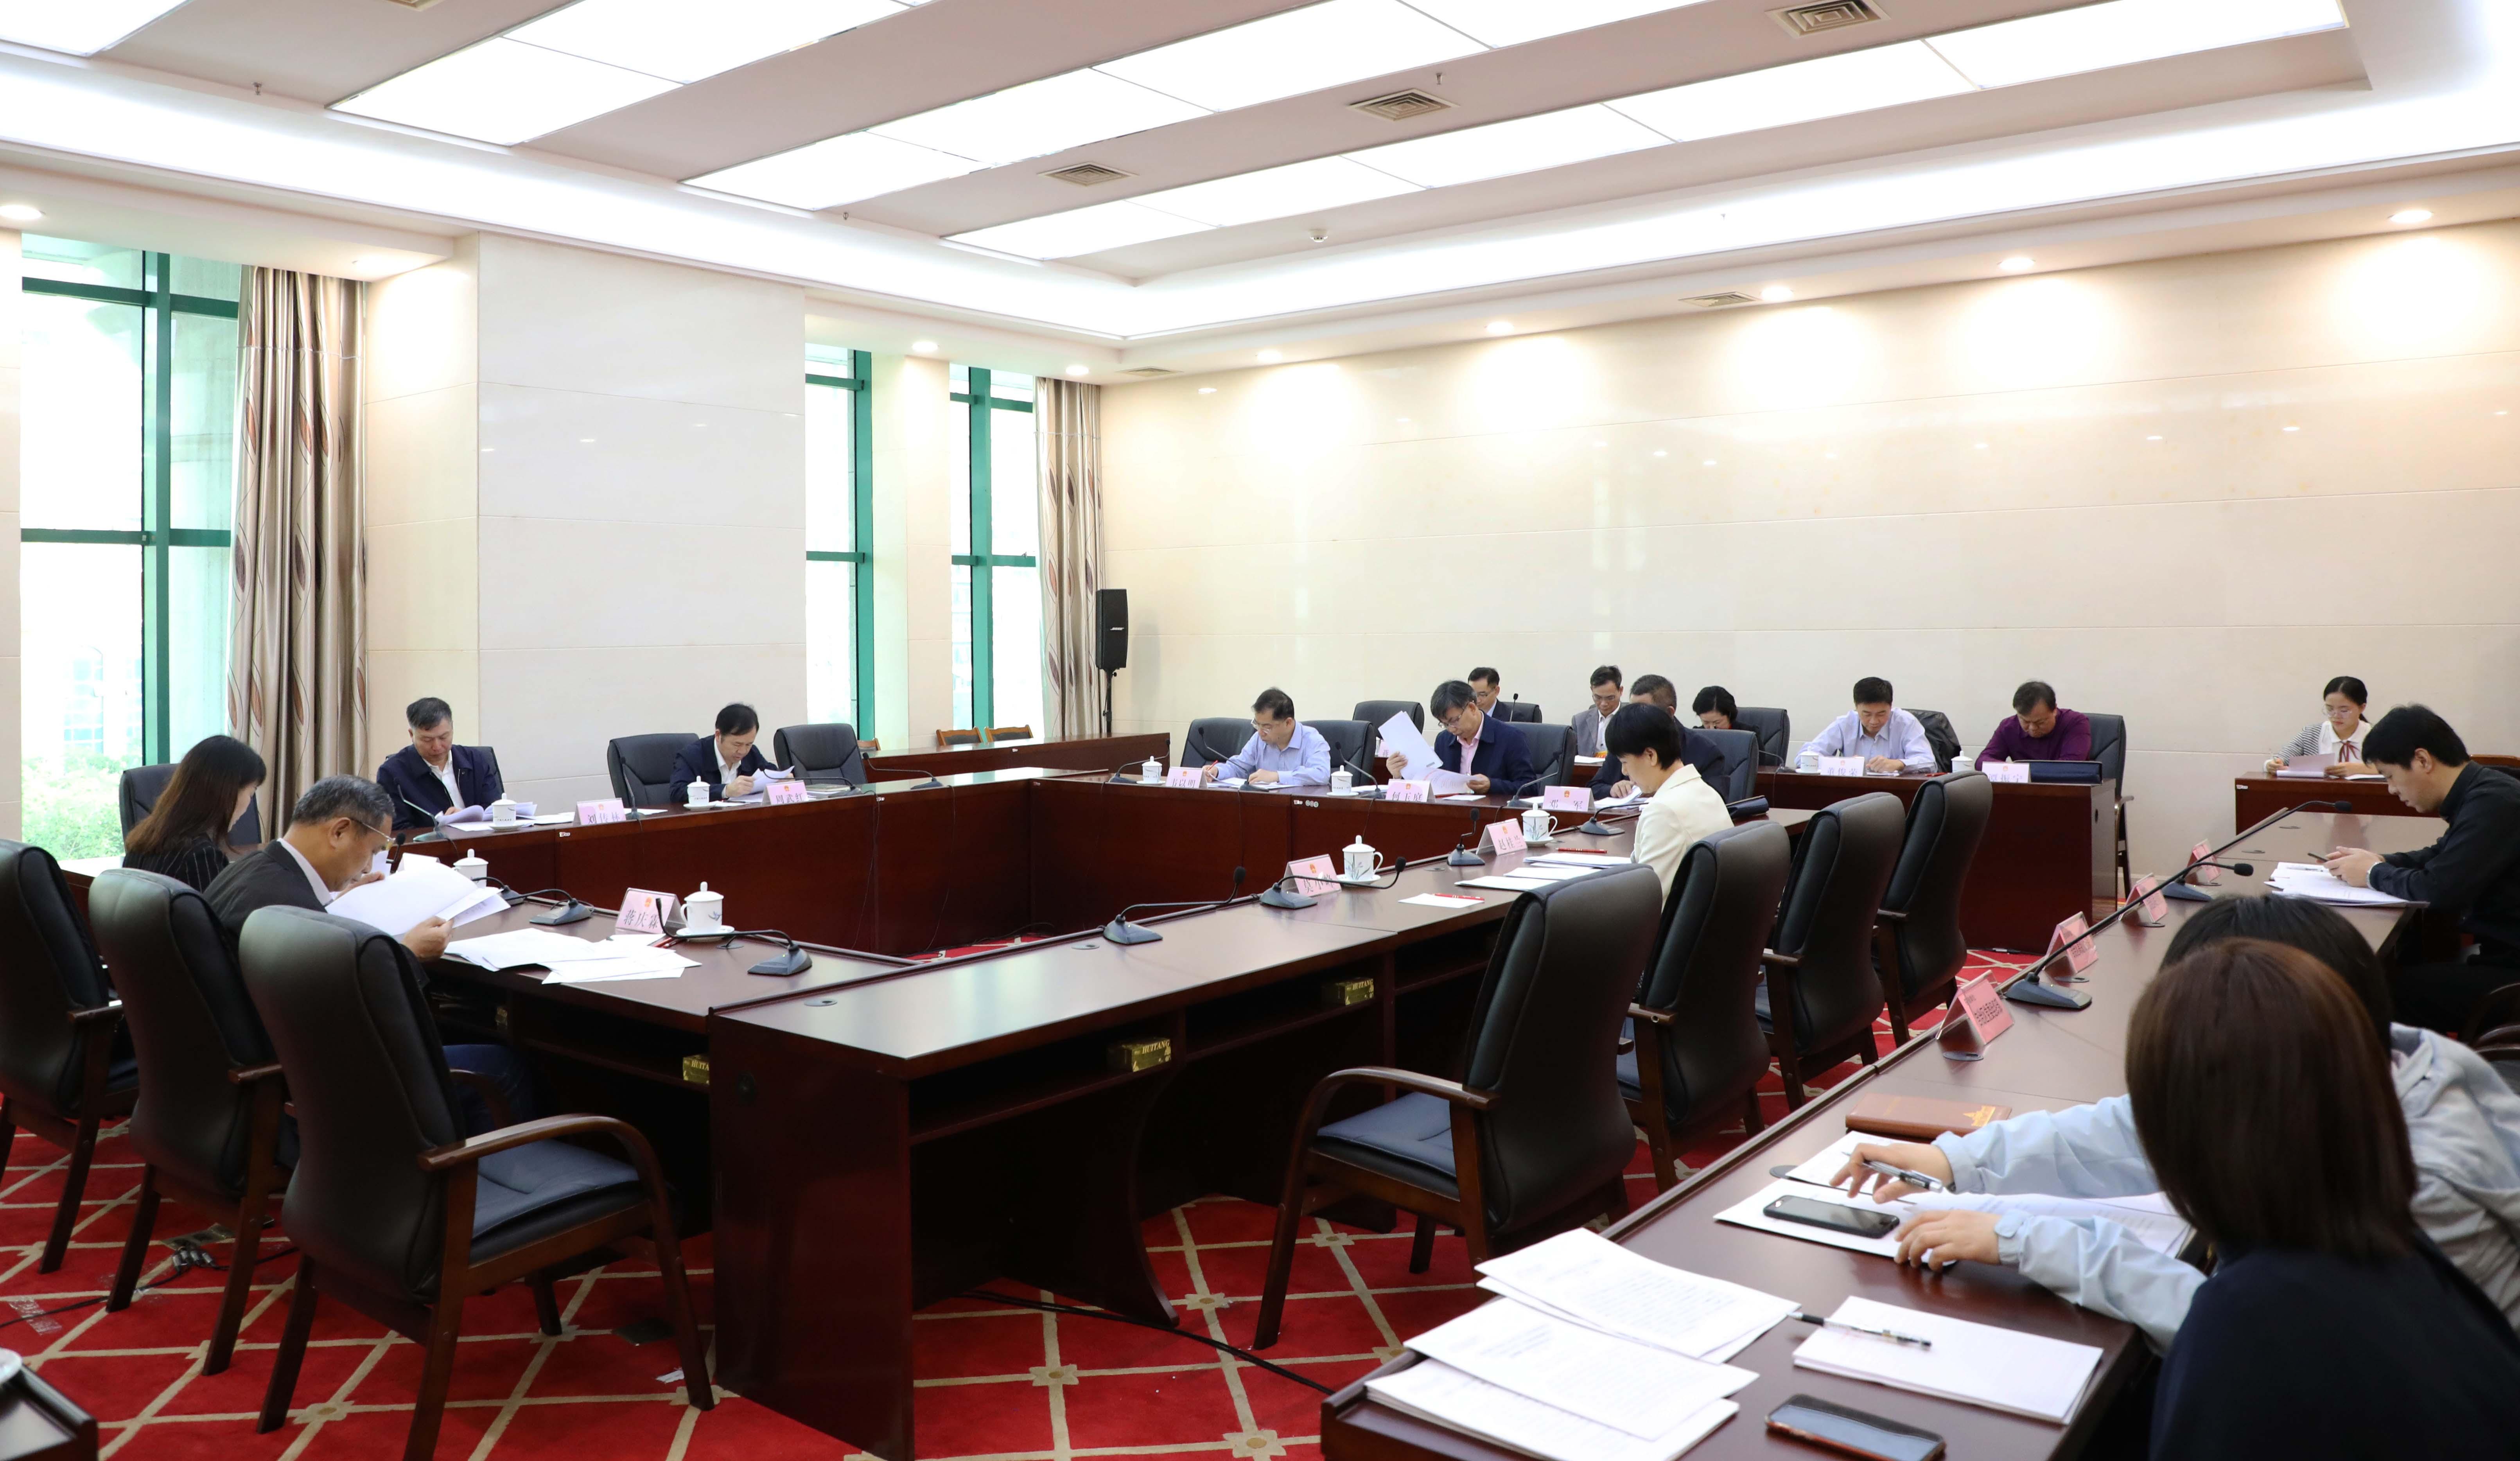 网易体育常委会第十三次会议1月8日上午召开分组会议